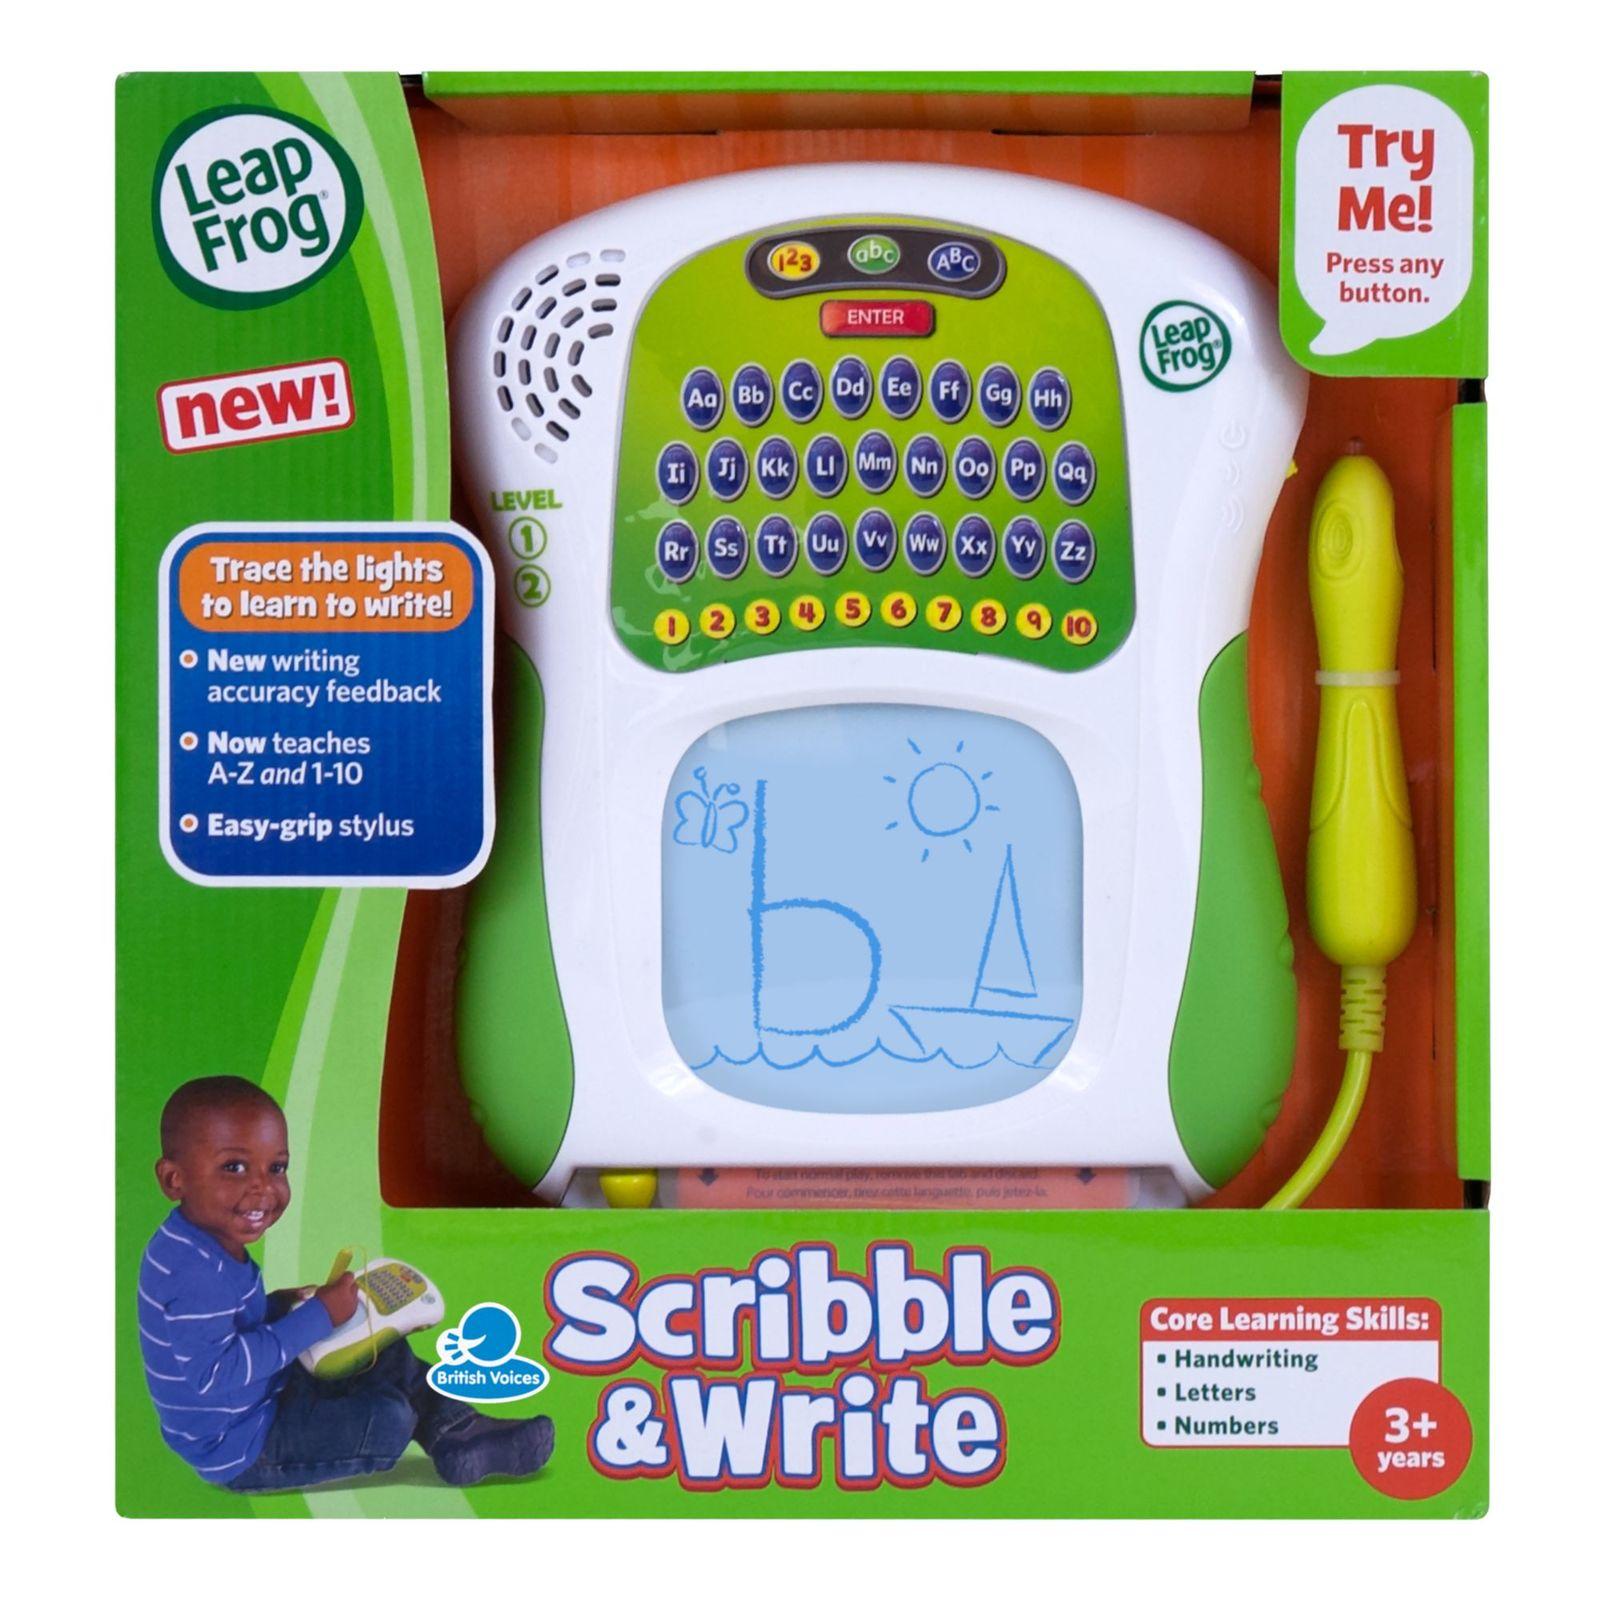 LeapFrog Scribble & Write image